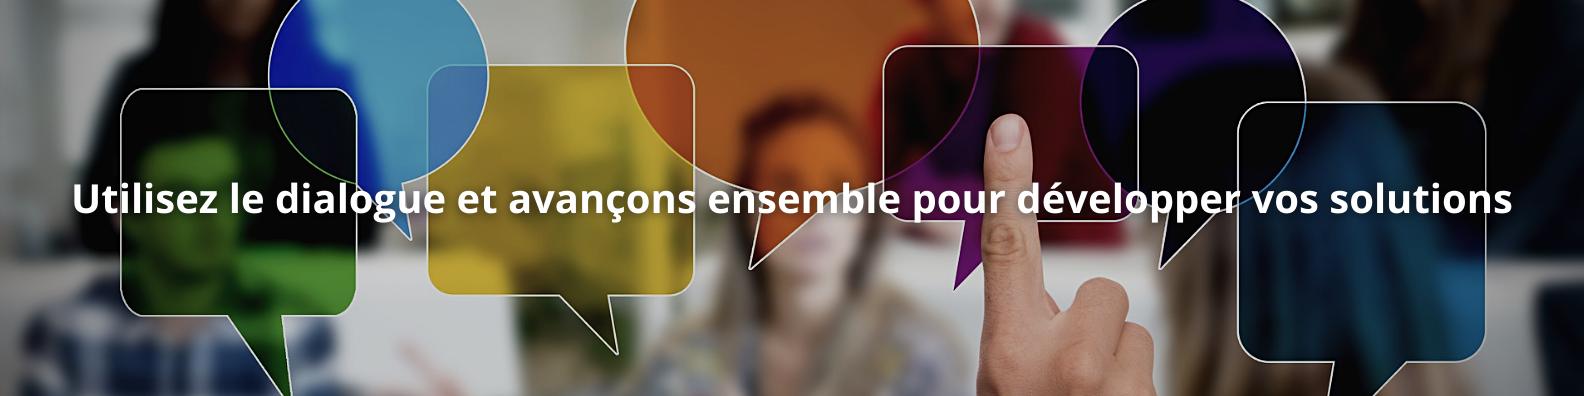 Synergie Actions médiation professionnelle en Auvergne Rhône Alpes